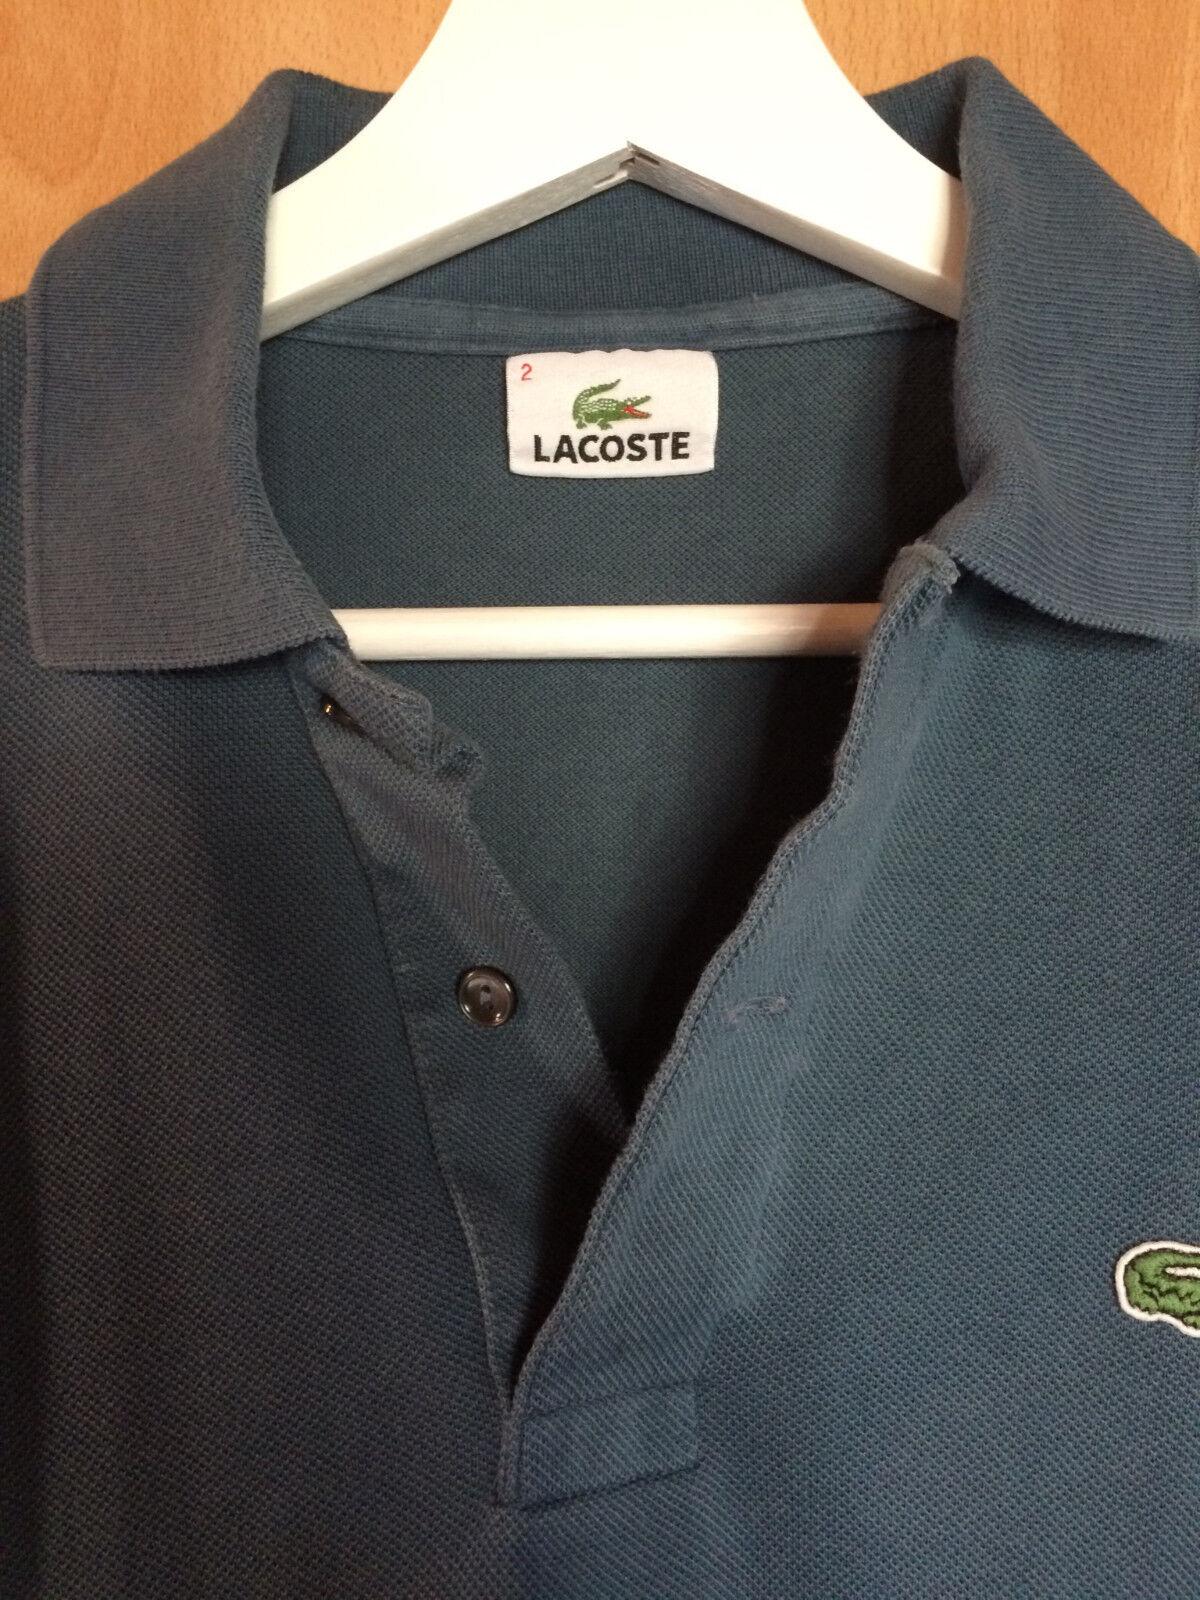 Lacoste Lacoste Lacoste Polo Polohemd Poloshirt Blau Größe 2 Herren | Shop Düsseldorf  | Verkaufspreis  | Das hochwertigste Material  5c913a